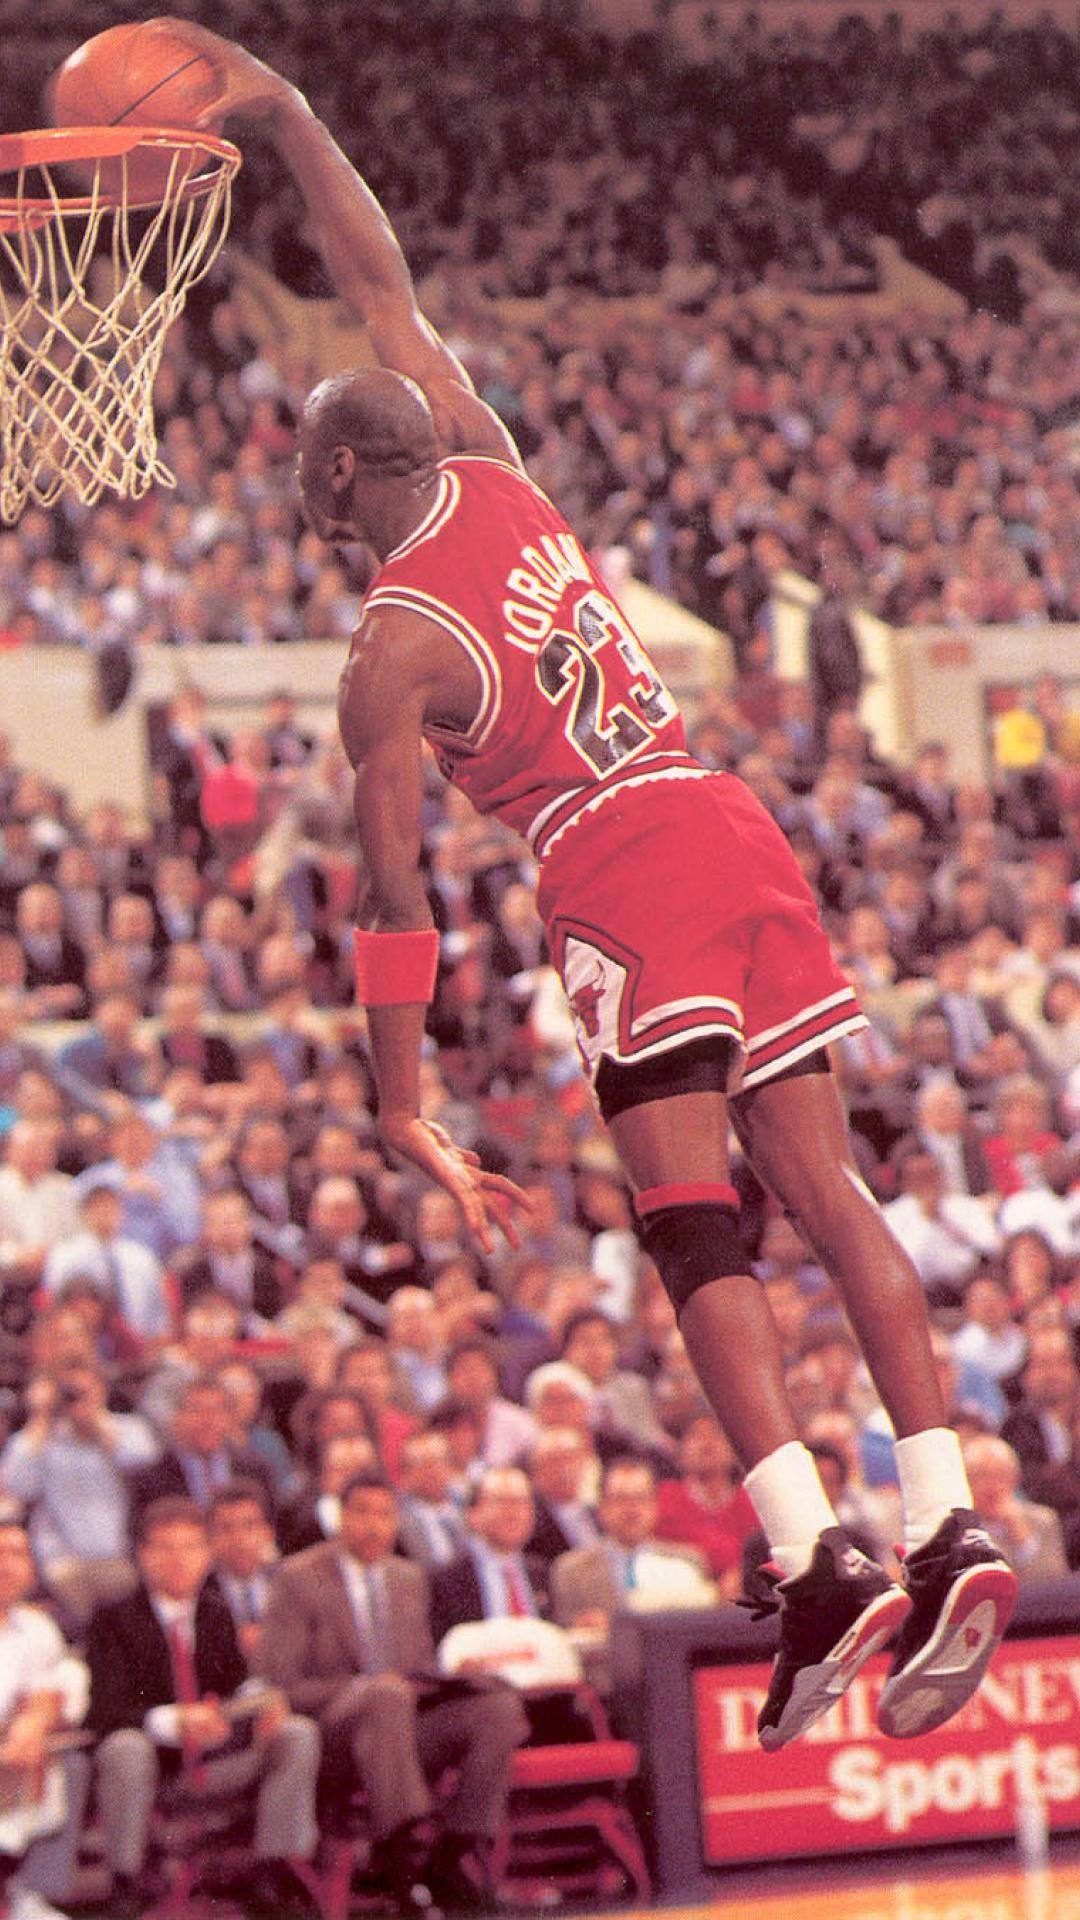 2560x1440 Michael Jordan Logo Wallpapers Images 6 HD